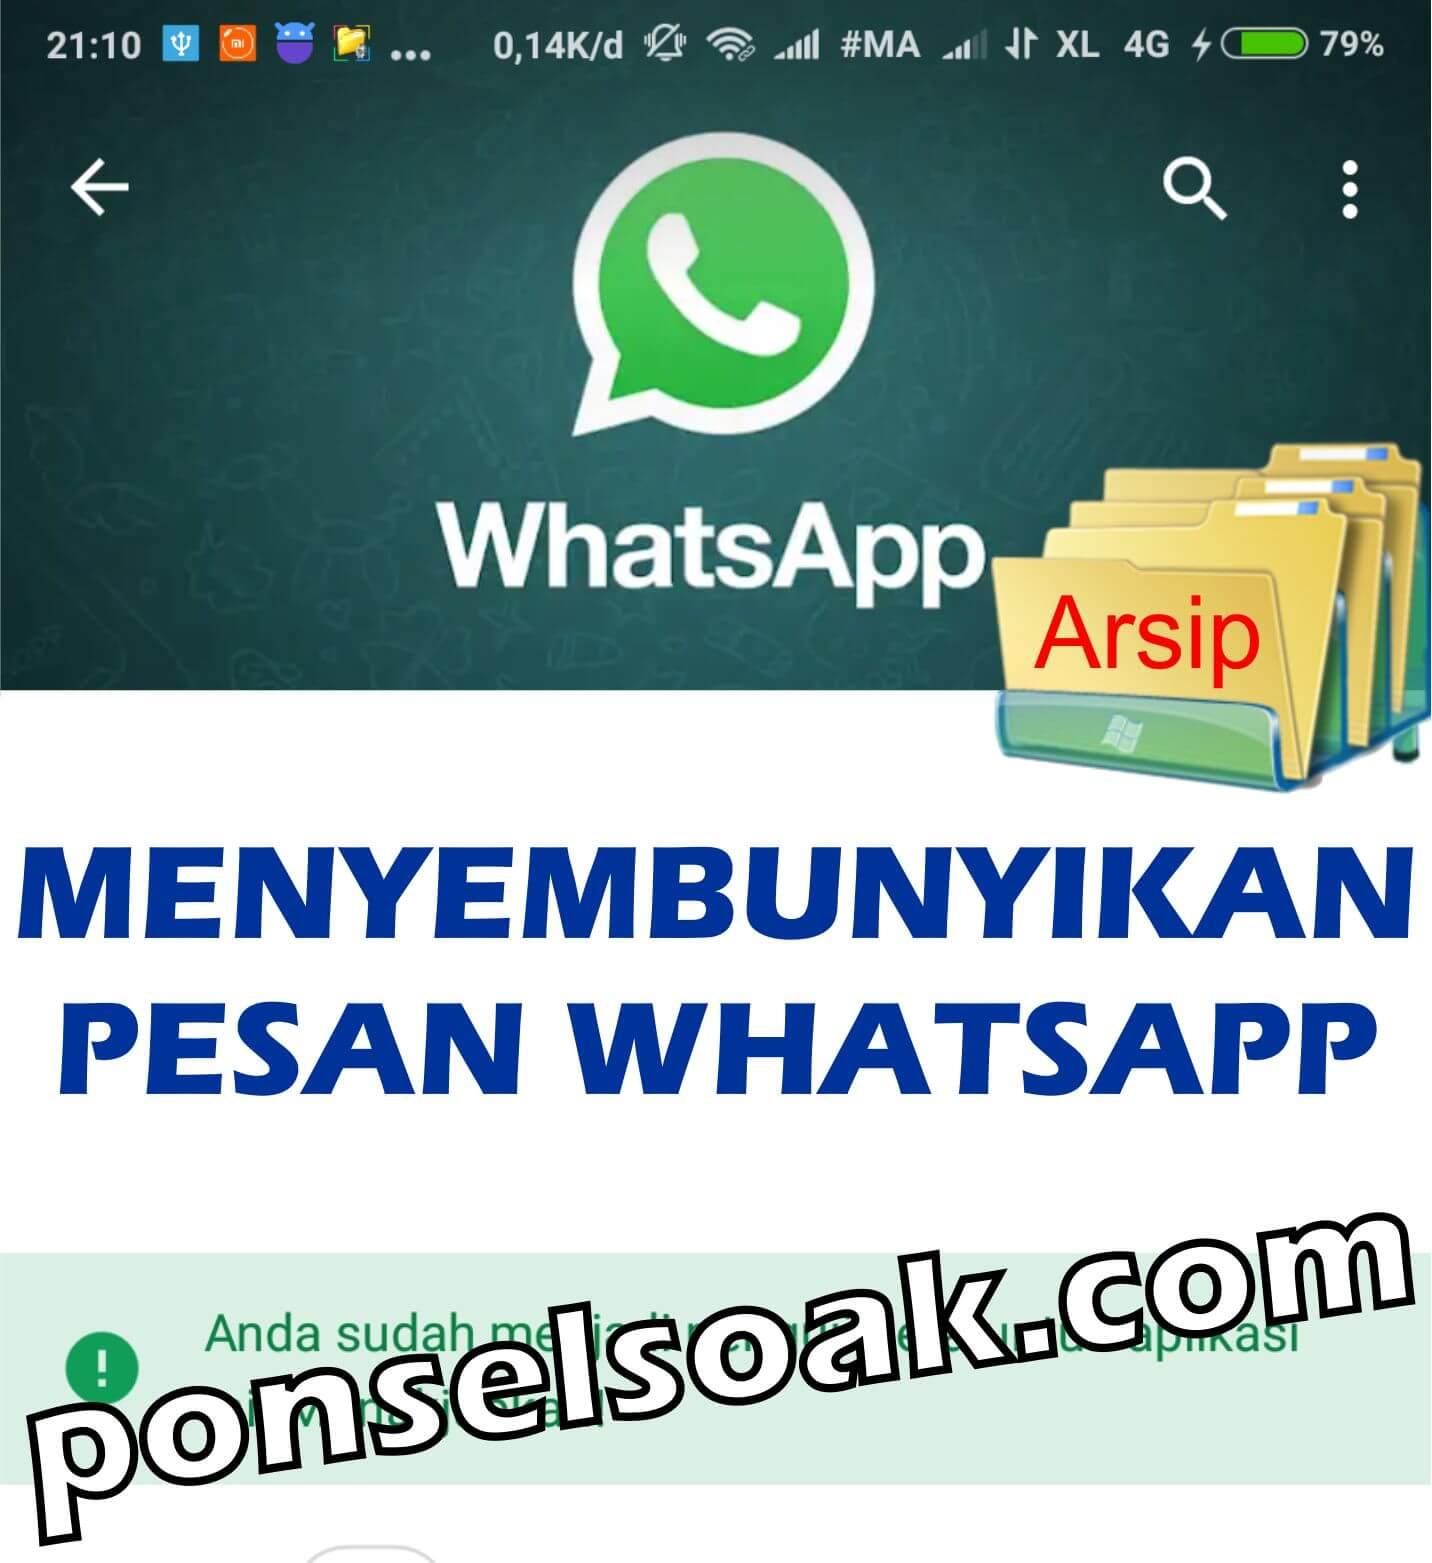 Cara Menyembunyikan Pesan WhatsApp Tanpa Menghapusnya